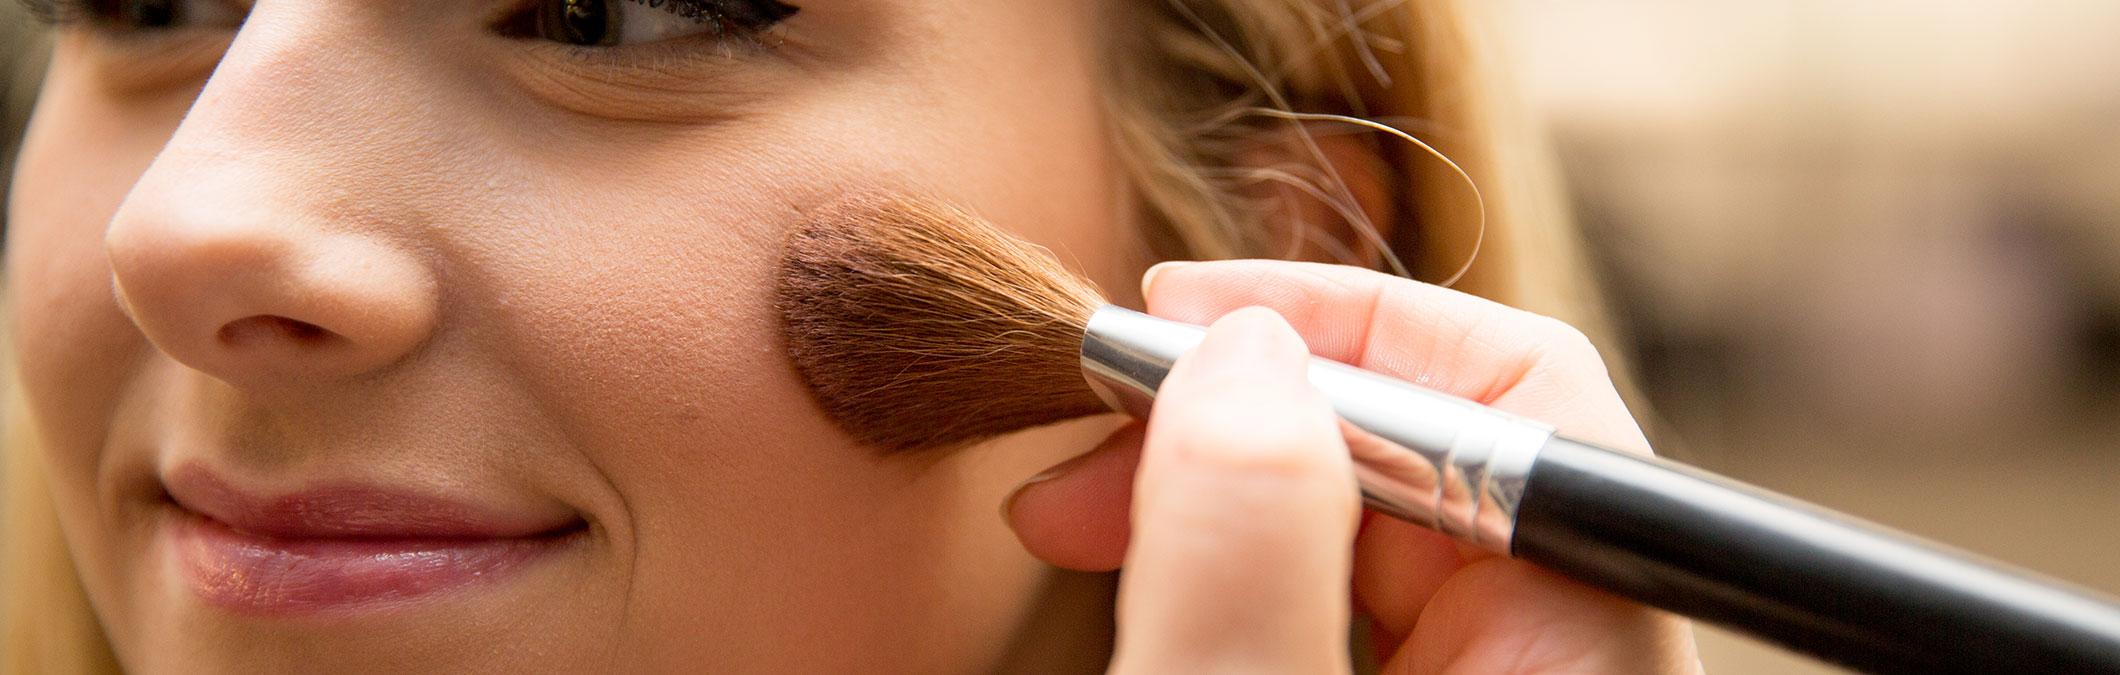 ss-makeup-closeup